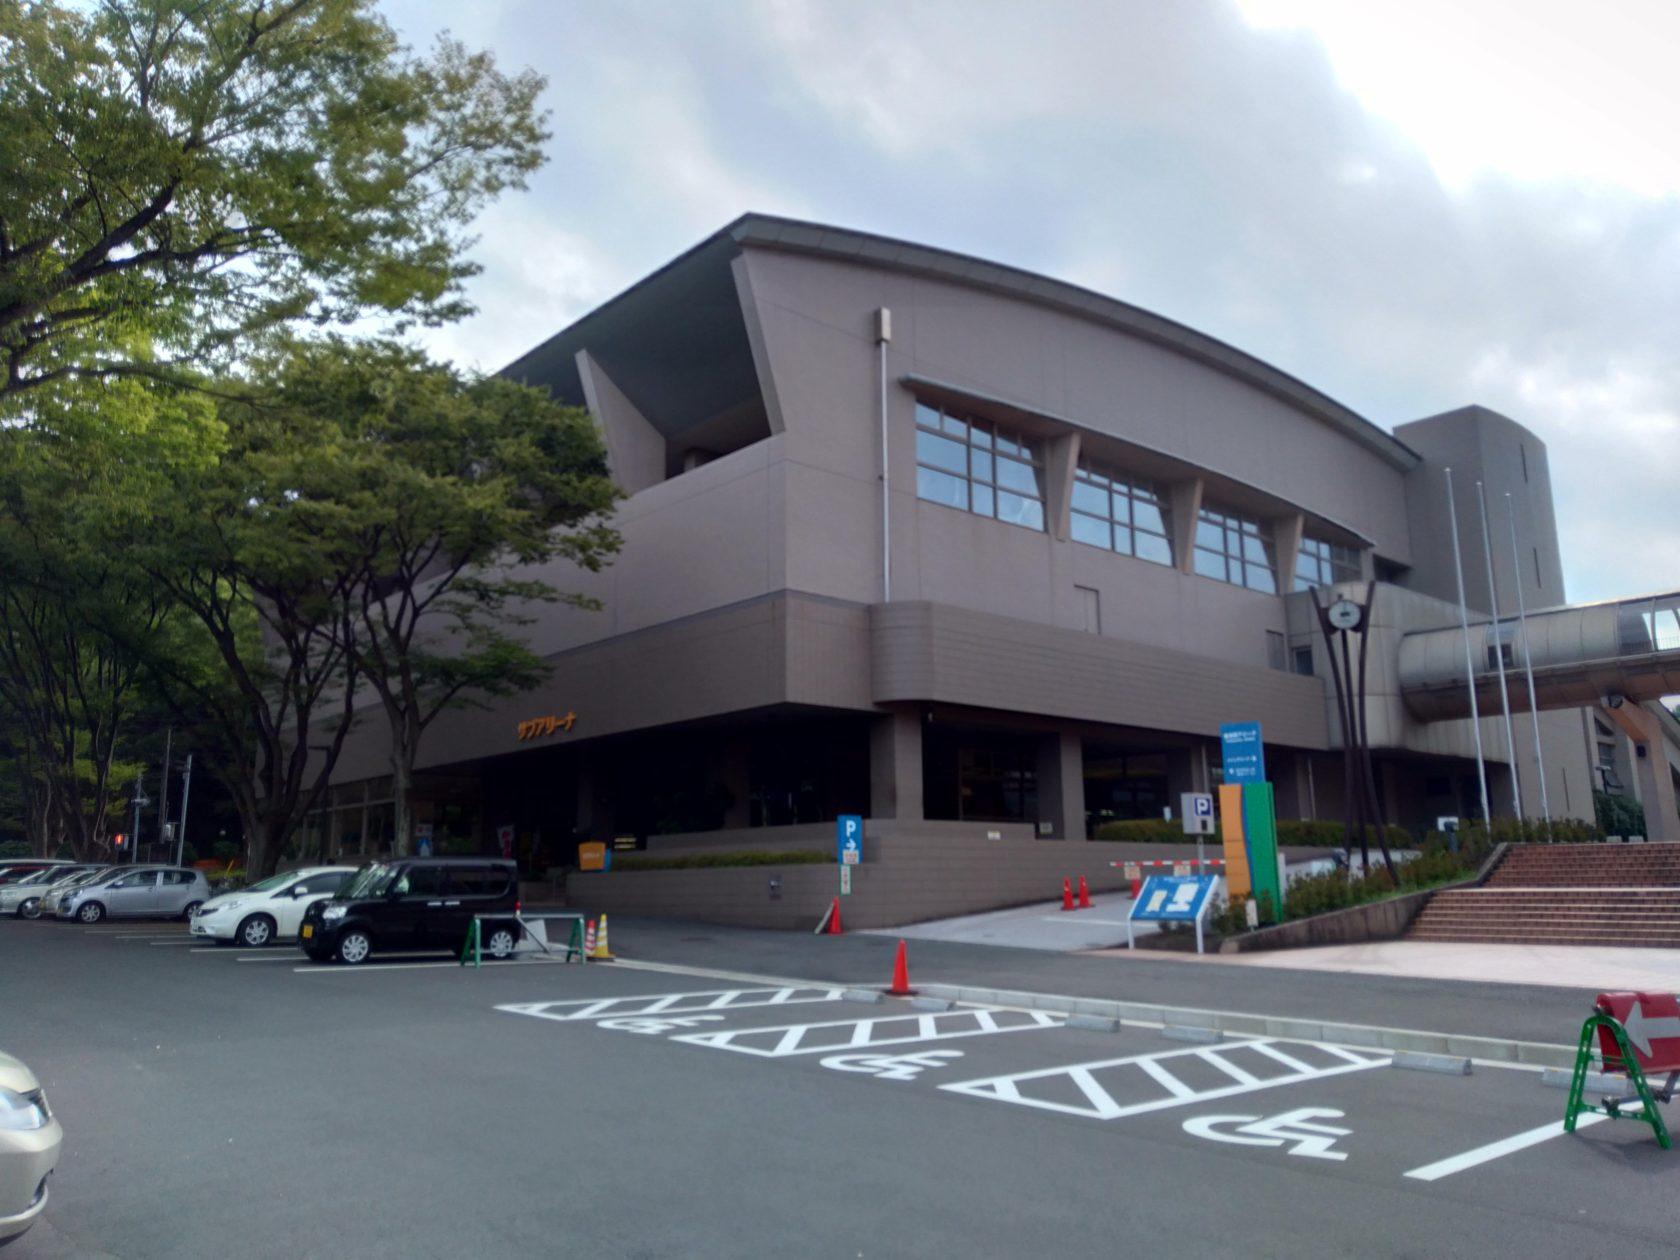 横須賀サブアリーナ温水プールの外観